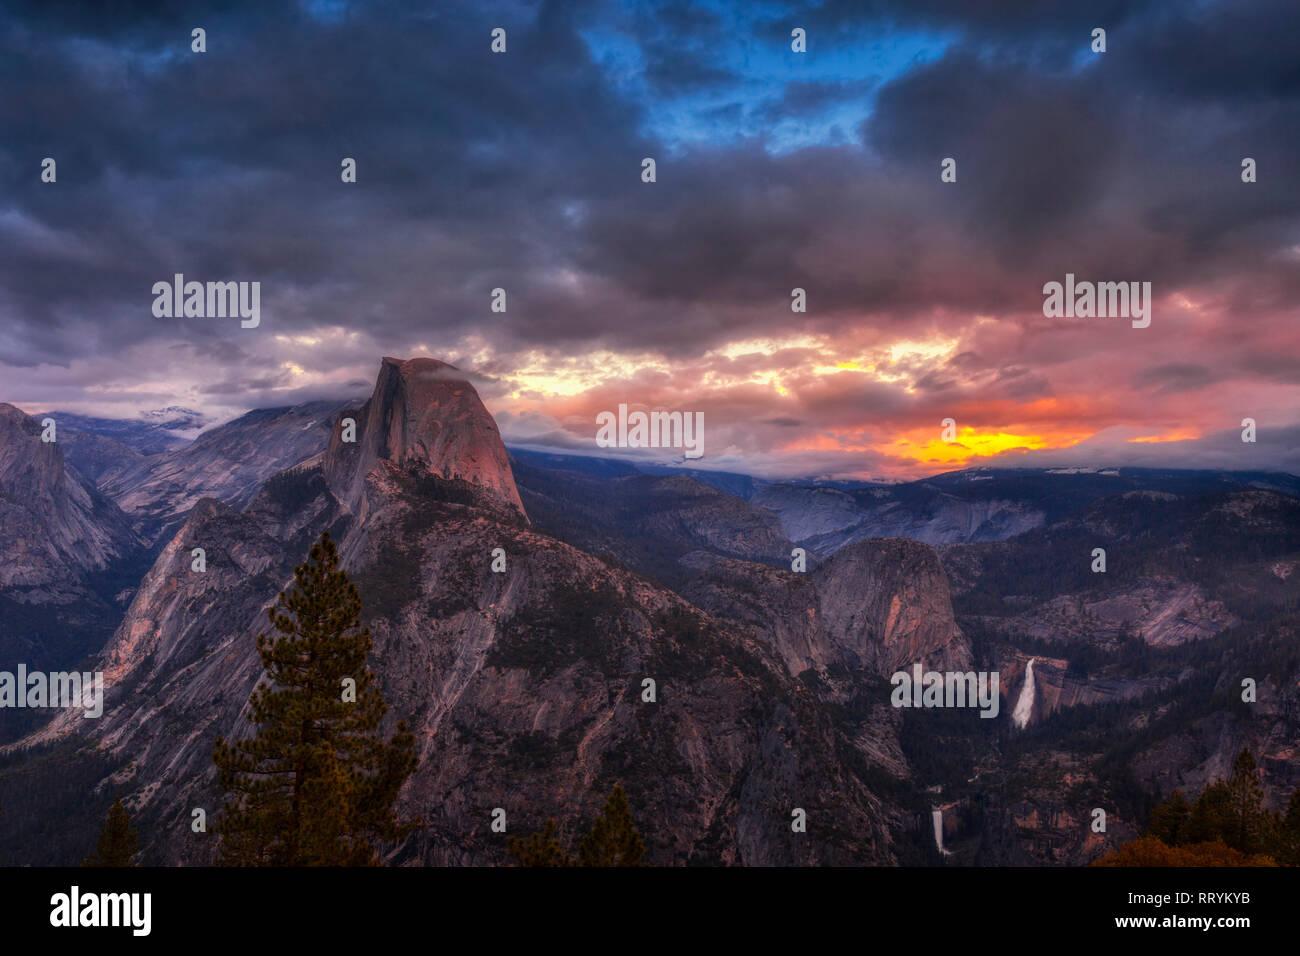 Parc National Yosmite's iconic Demi Dôme vu du Glacier Point oublier au coucher du soleil Banque D'Images